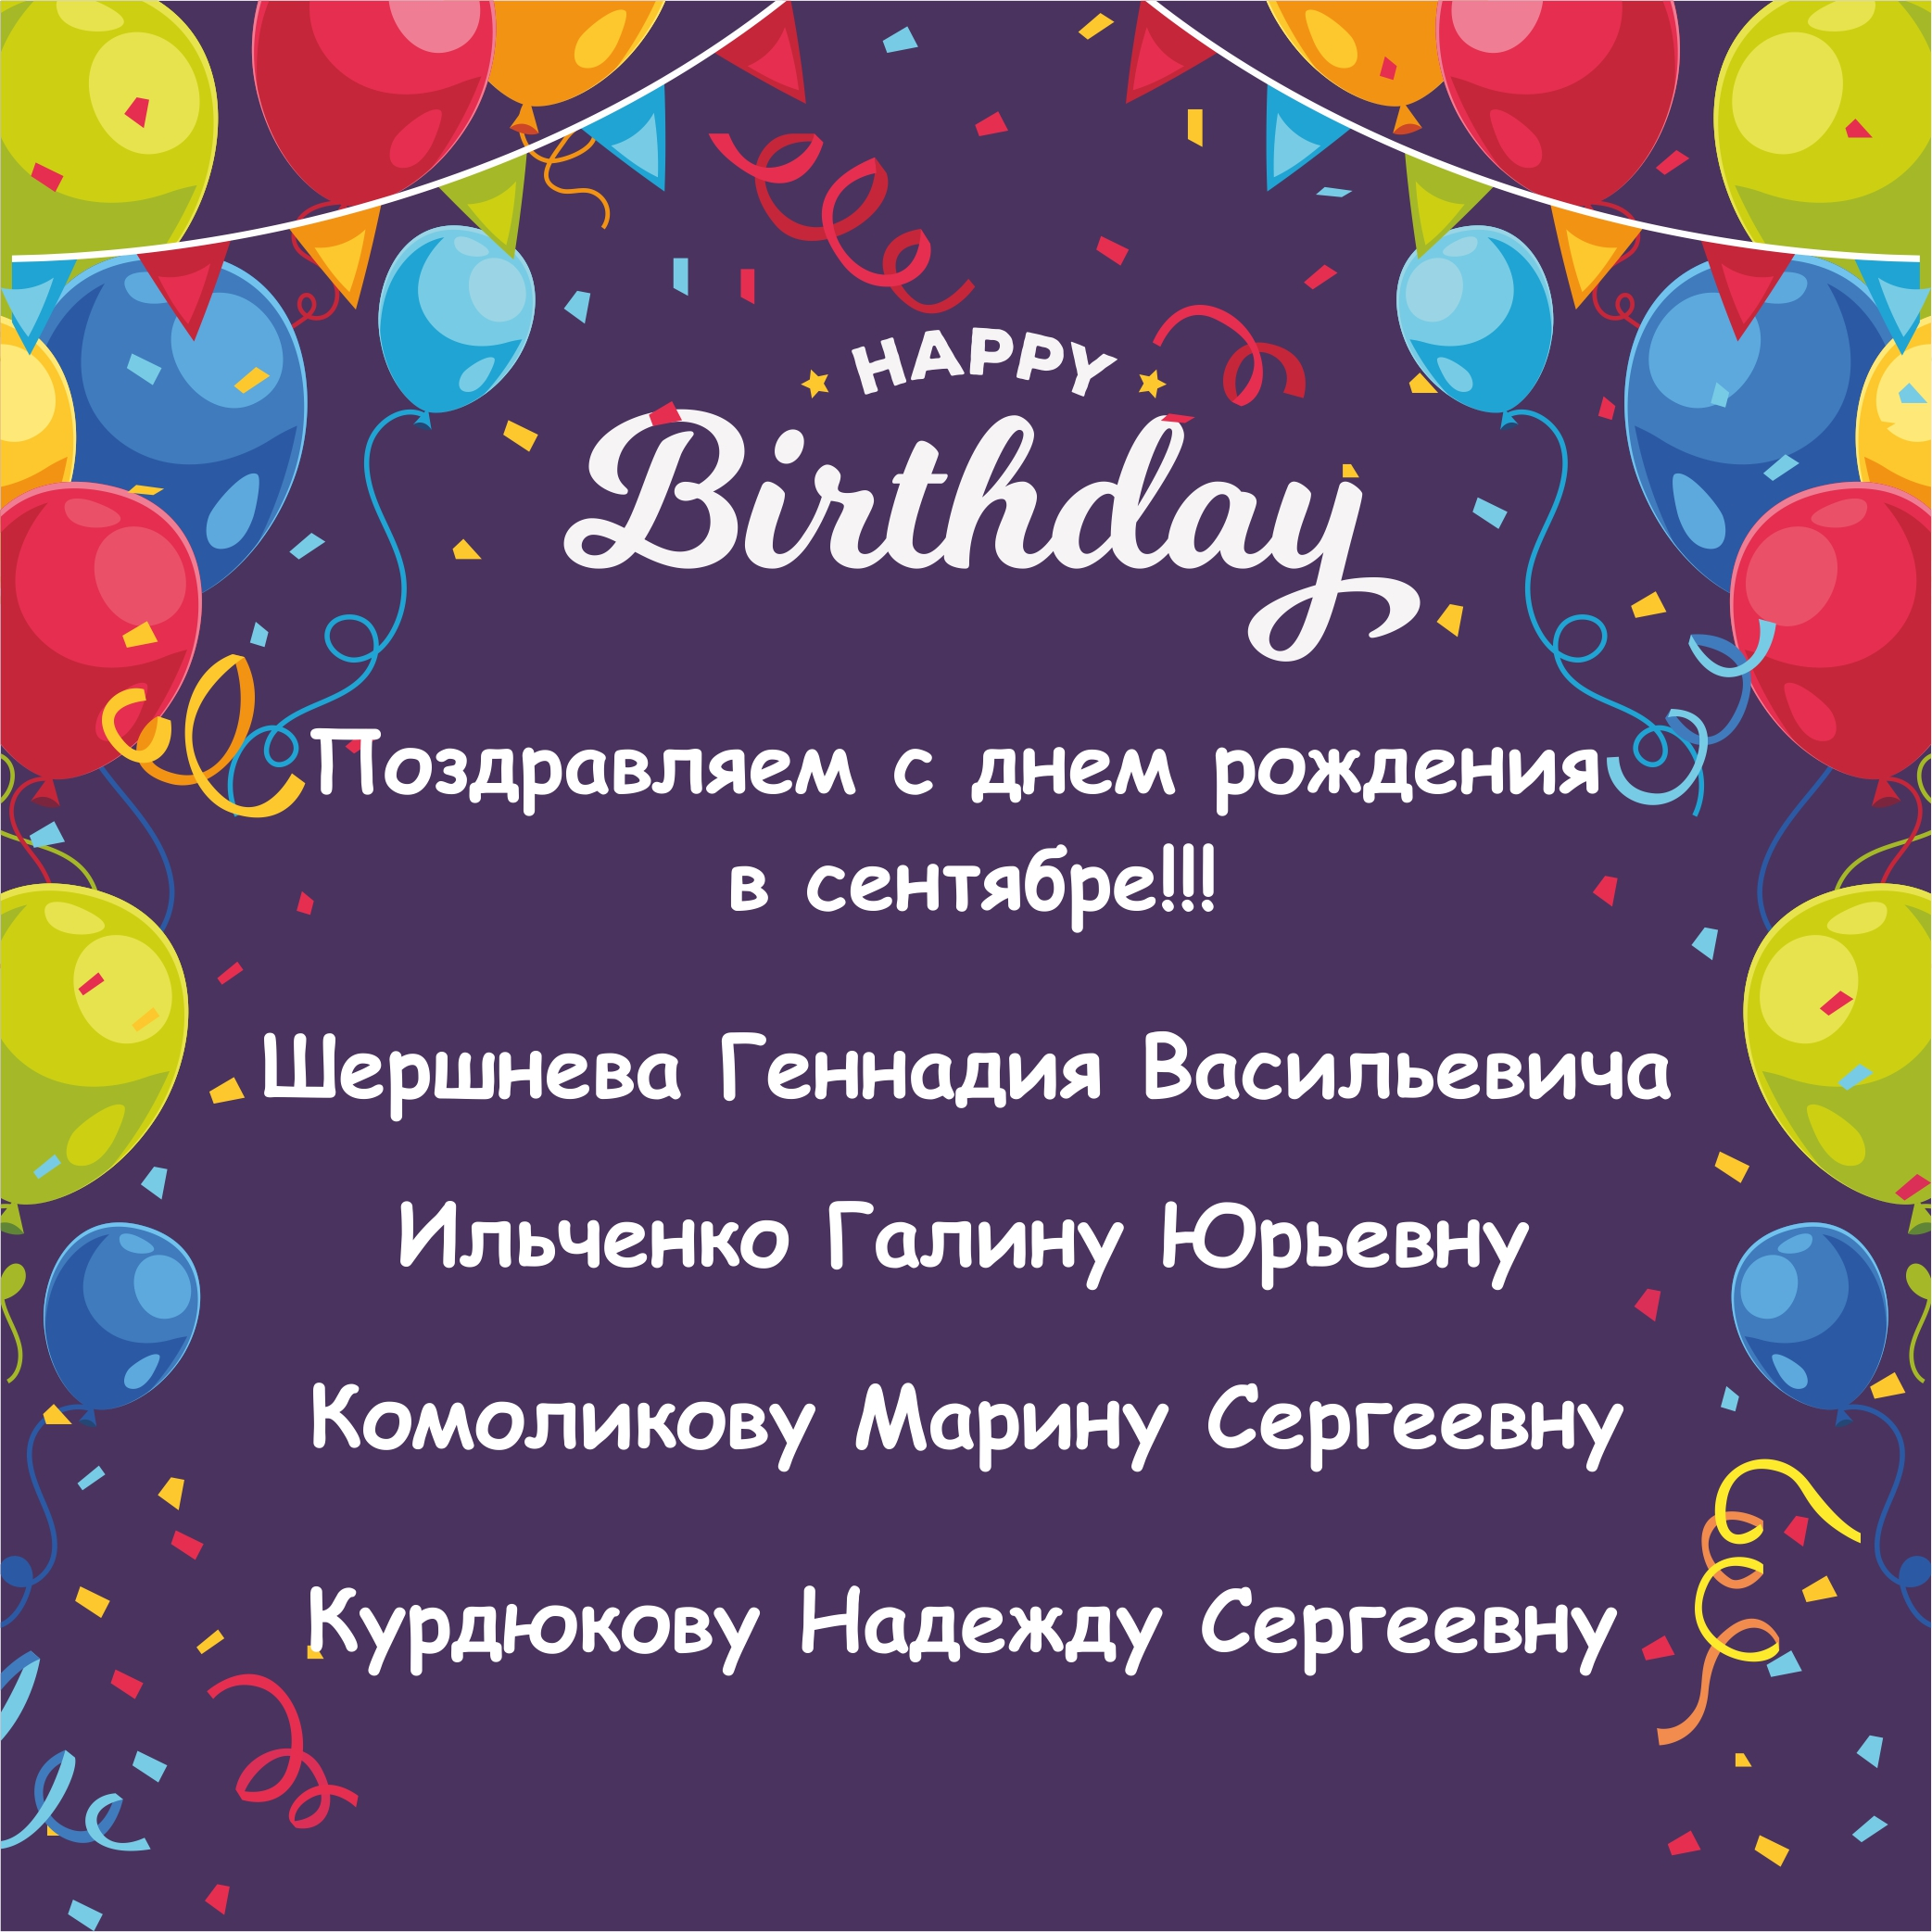 С днем рождения в сентябре!